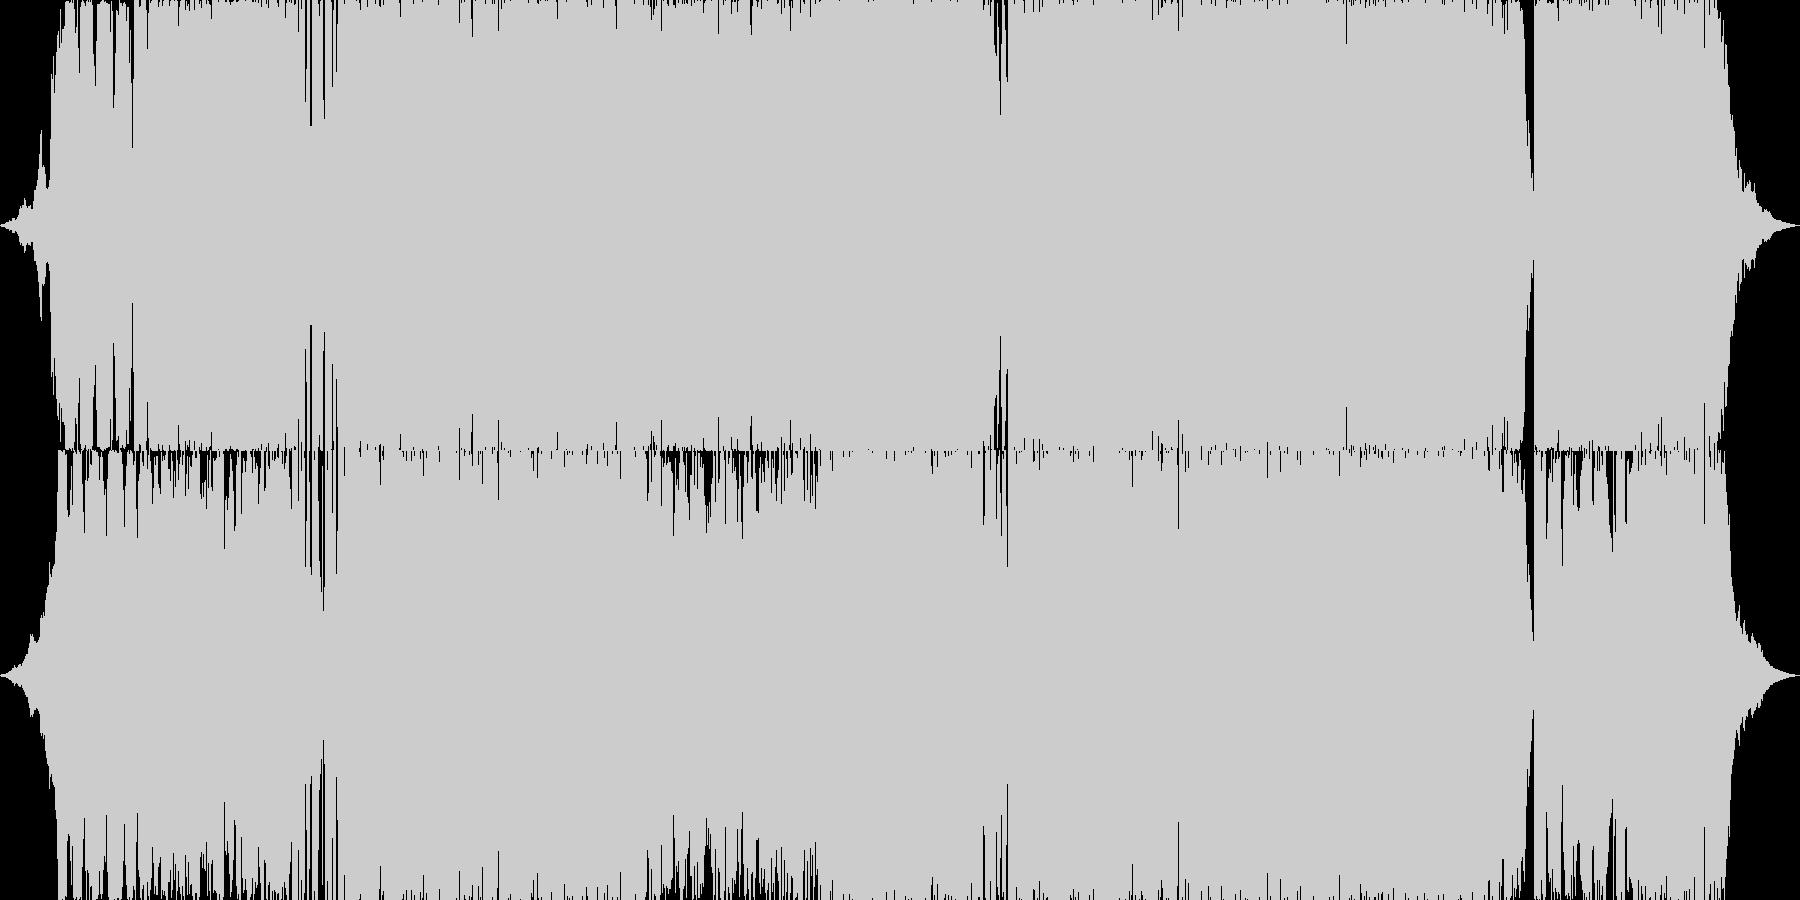 メヌエットのダンストラック(楽しい)の未再生の波形